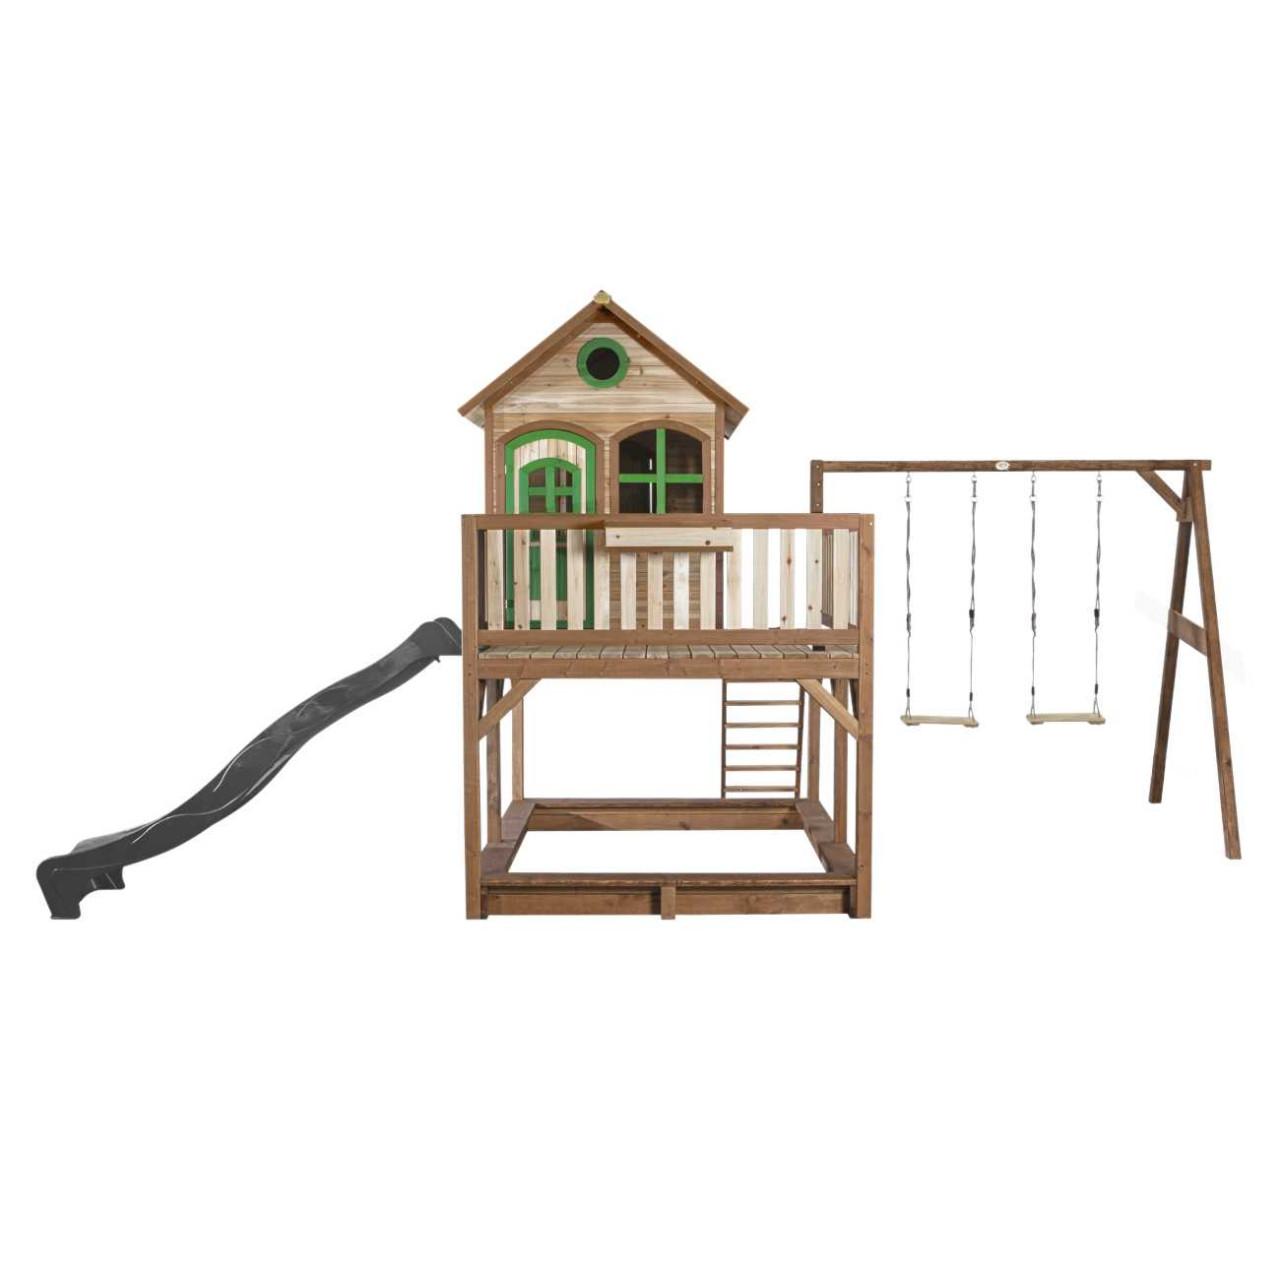 Axi Stelzenhaus Liam mit 2-Schaukel, Kinder Spielhaus, Spielturm